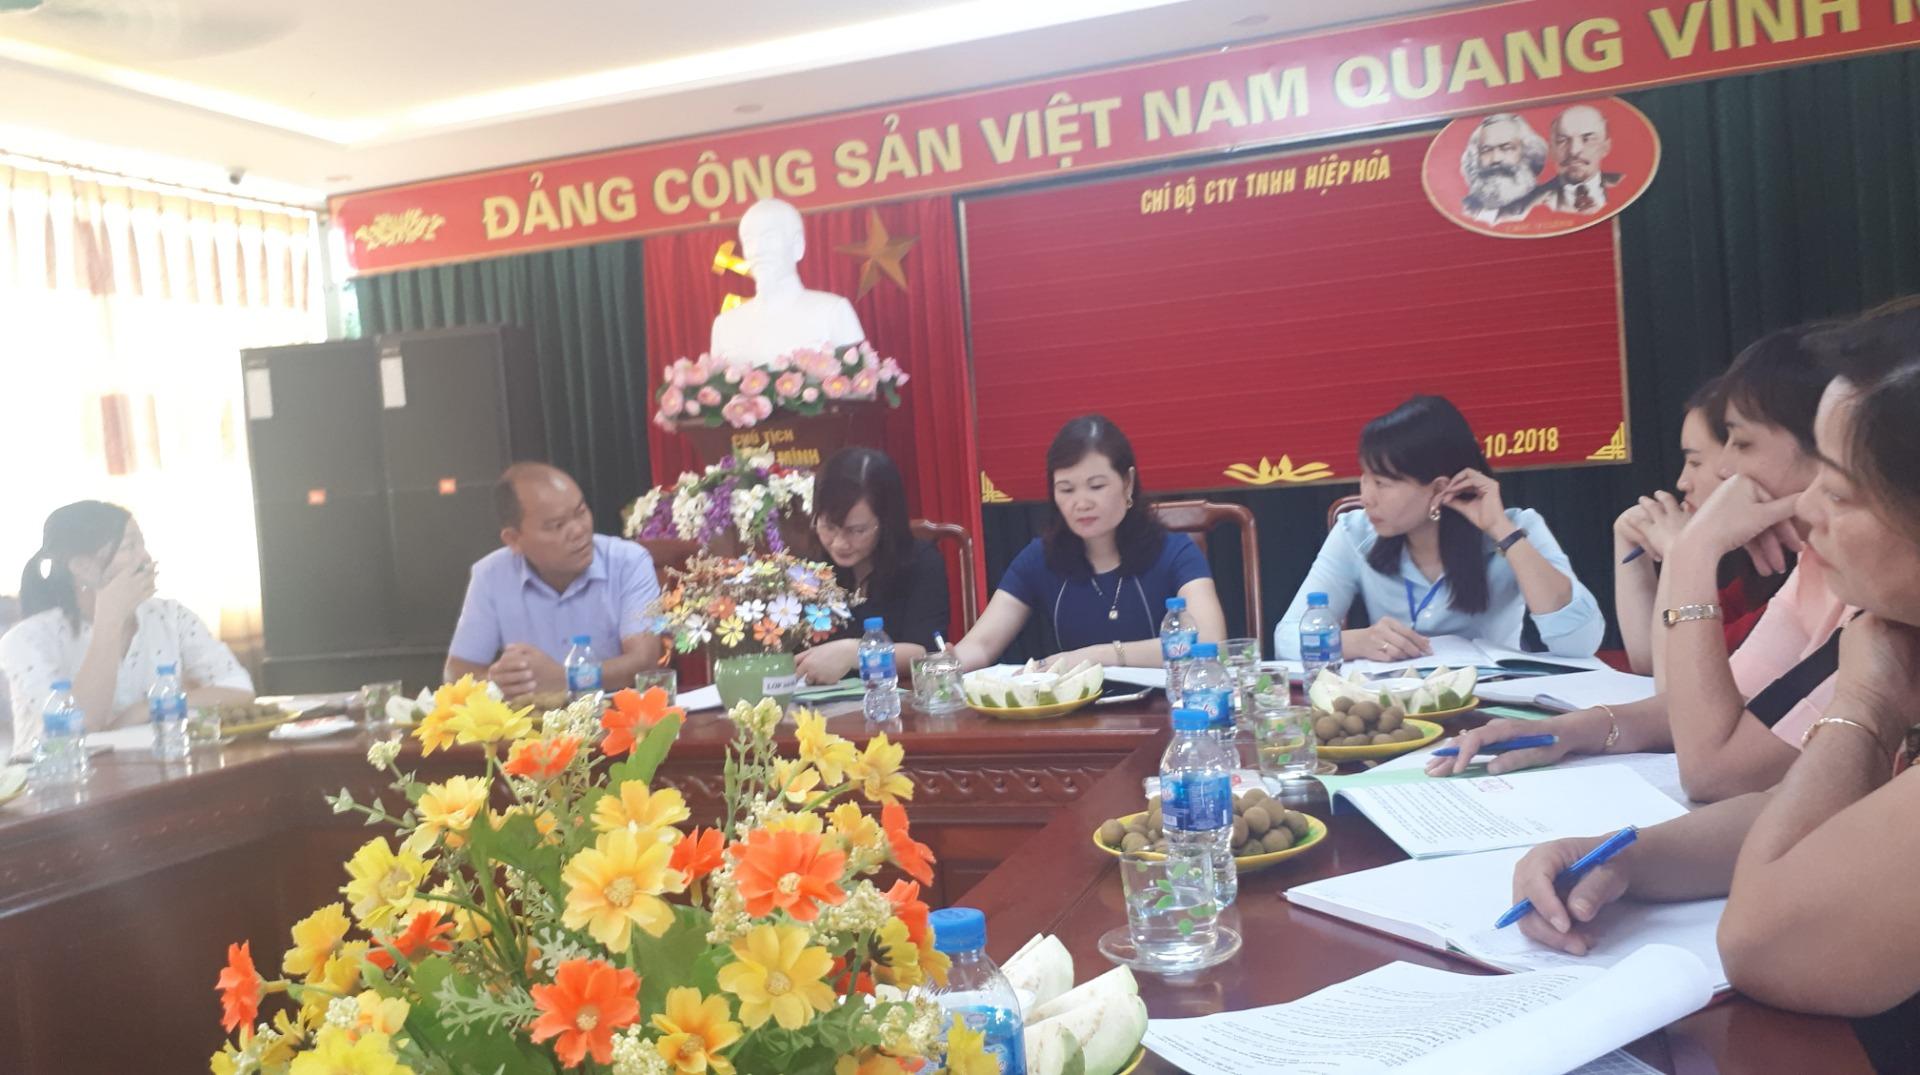 Sở Giáo dục và Đào tạo Kiểm tra tình hình hoạt động đối với cơ sở GDMN ngoài công lập